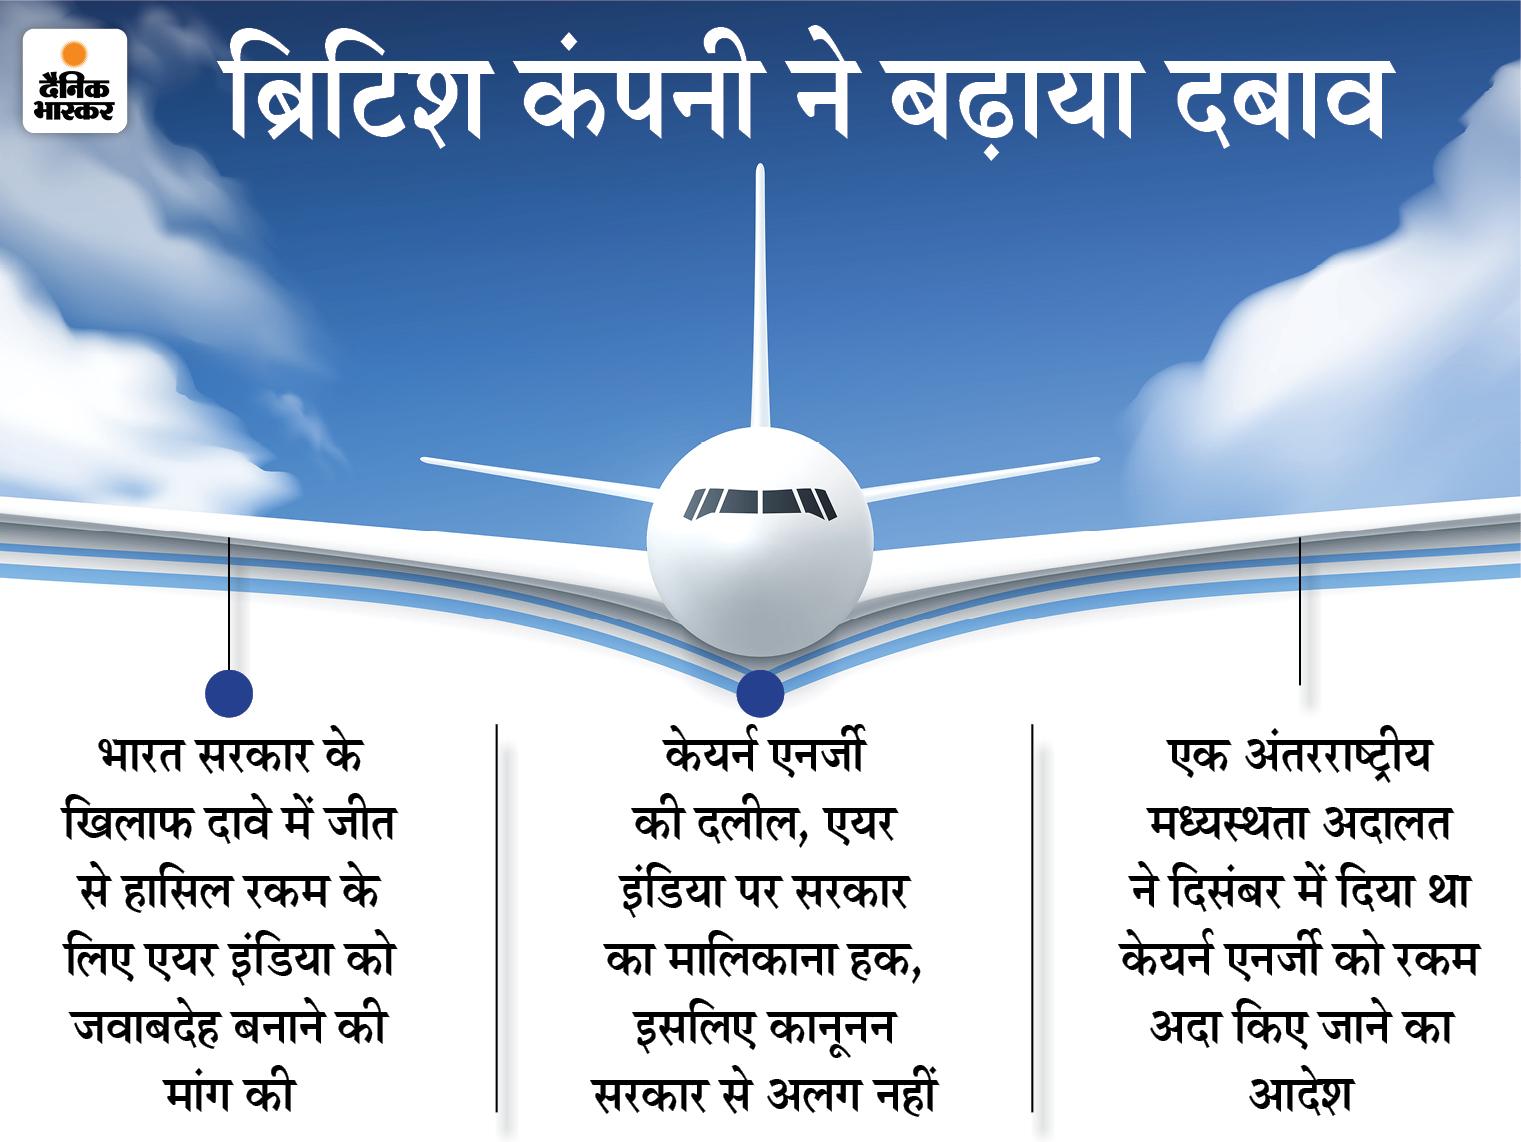 एयर इंडिया के प्लेन जब्त कर लेगी केयर्न एनर्जी, अगर सरकार नहीं अदा करेगी 1.2 अरब डॉलर बिजनेस,Business - Dainik Bhaskar